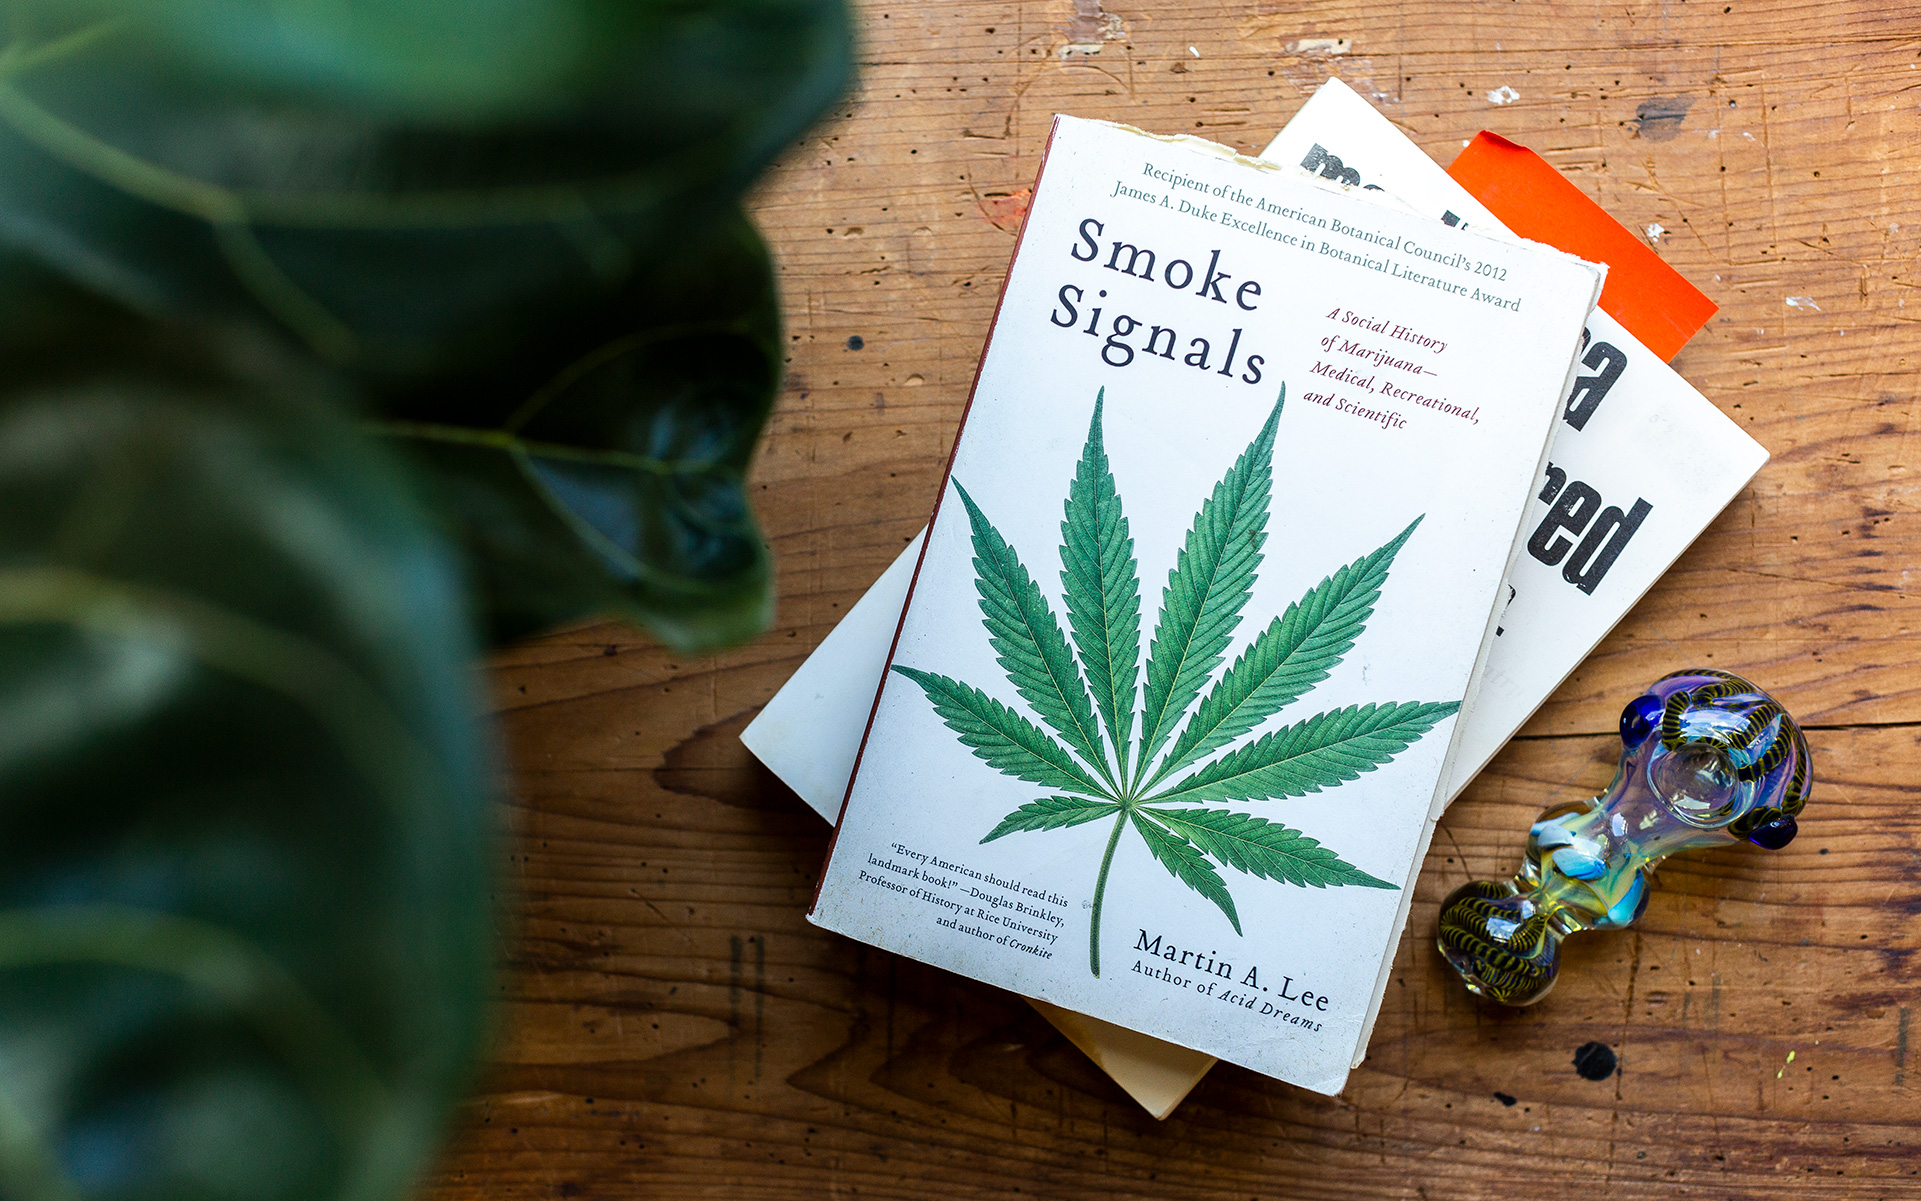 ba141b5b17 12 Cannabis Books That Changed the Game